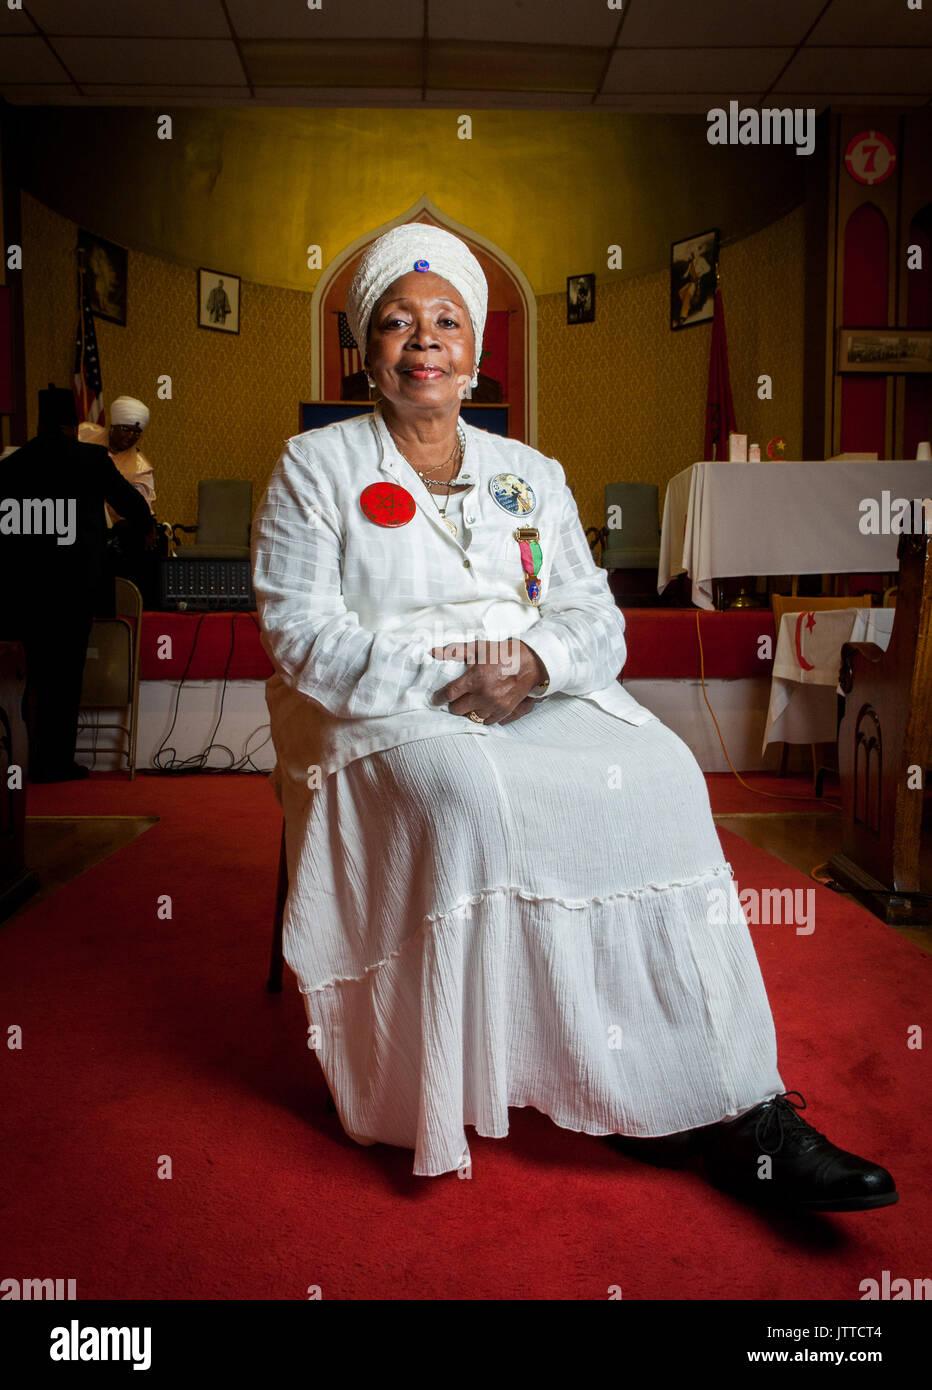 Moorish Science Temple Of America Stock Photos & Moorish